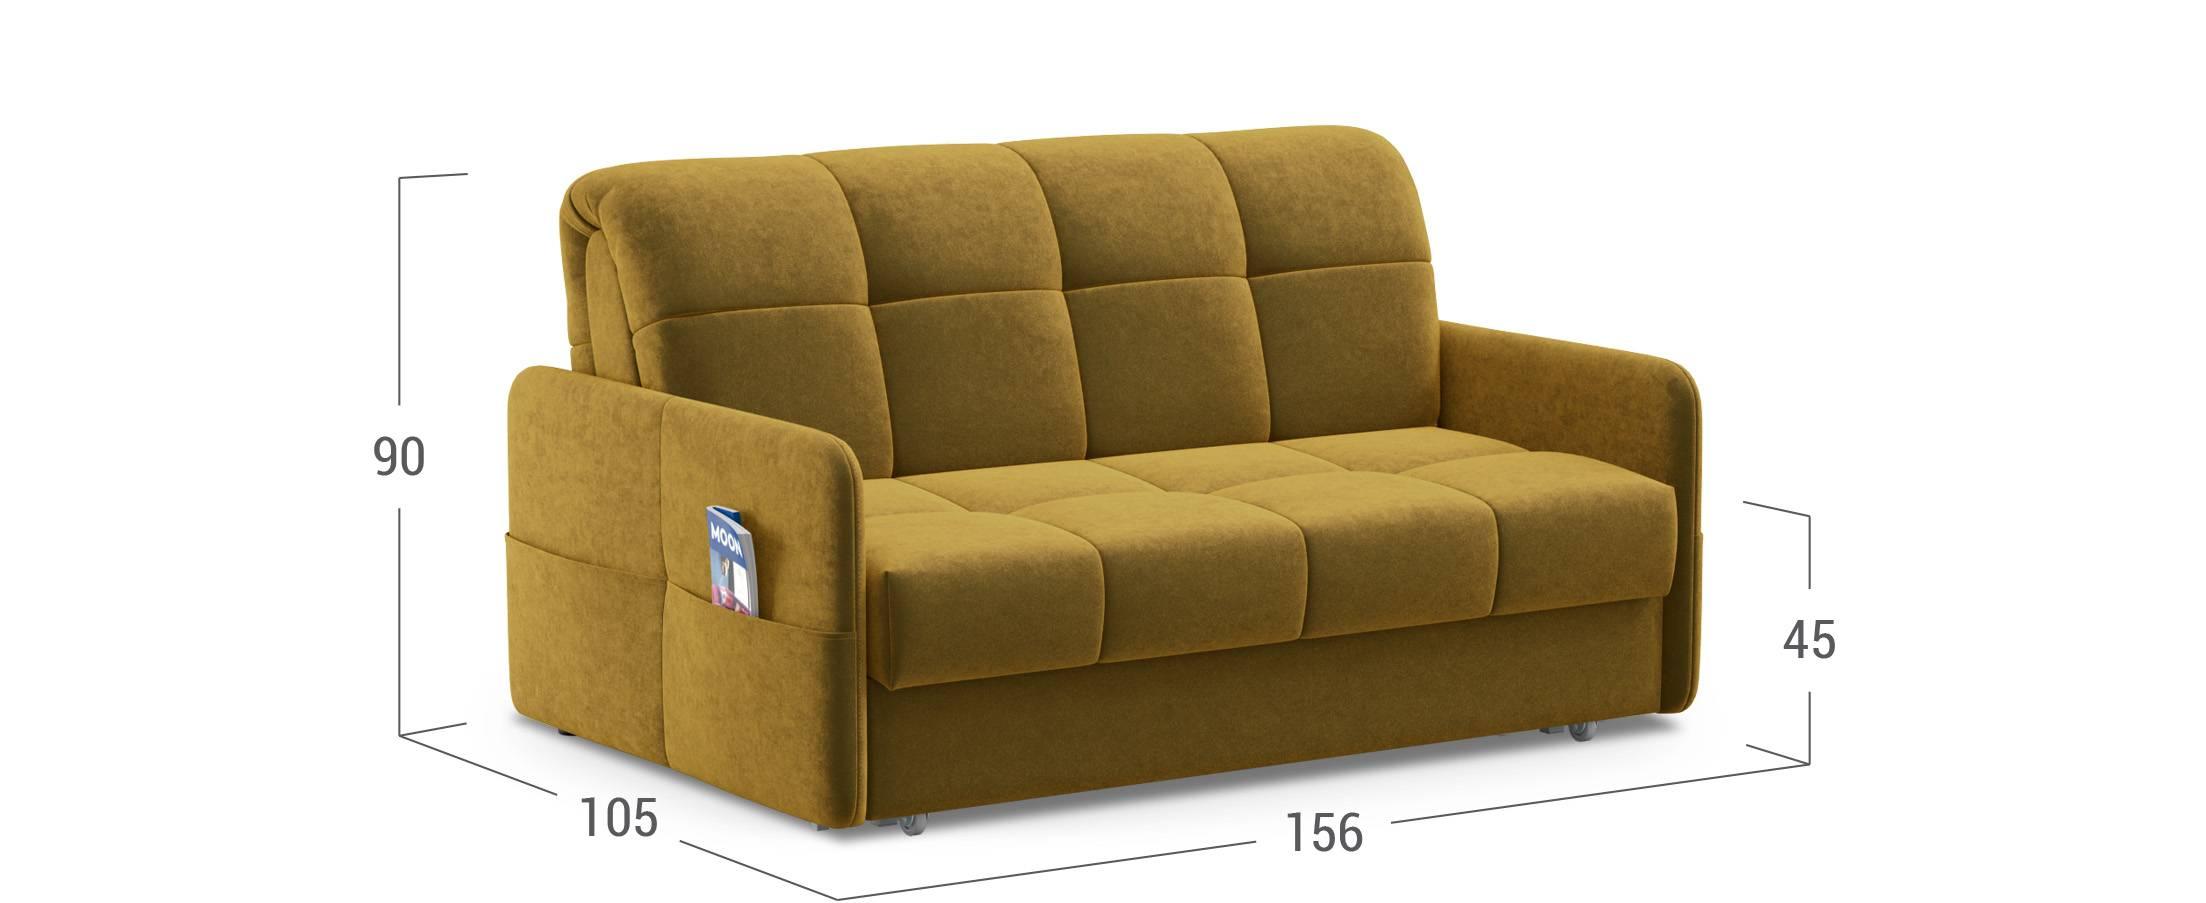 Сборка дивана: особенности процесса сборки для разных типов диванов (103 фото)